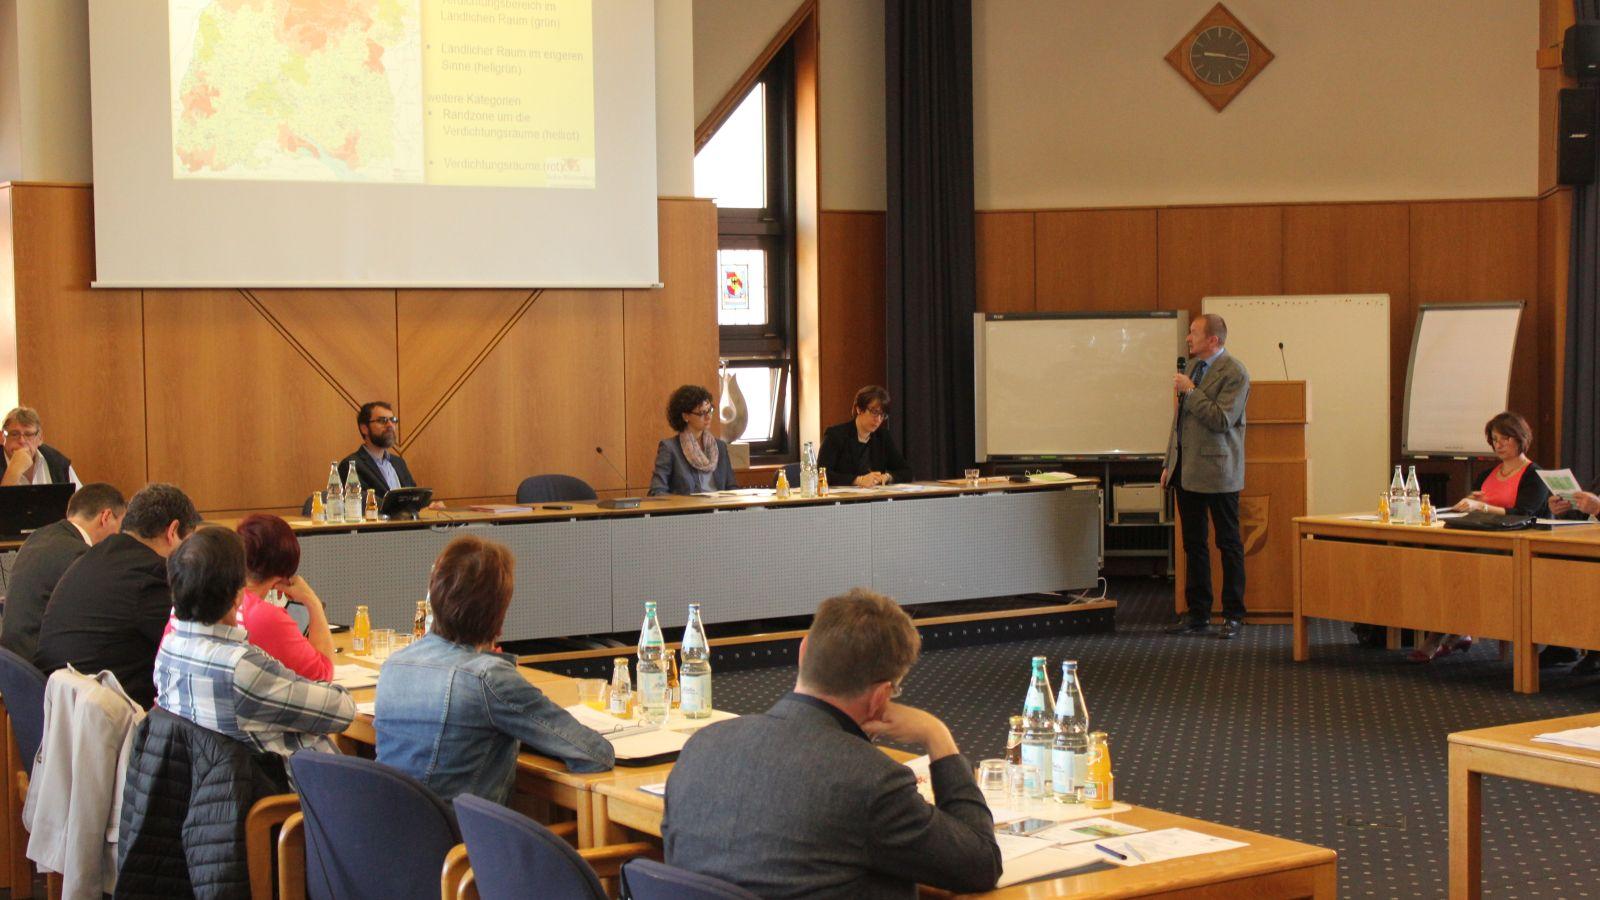 Vertreter von Kommunen, Banken und Planern folgten interessiert der Präsentation von Markus Weißer zum Thema ELR